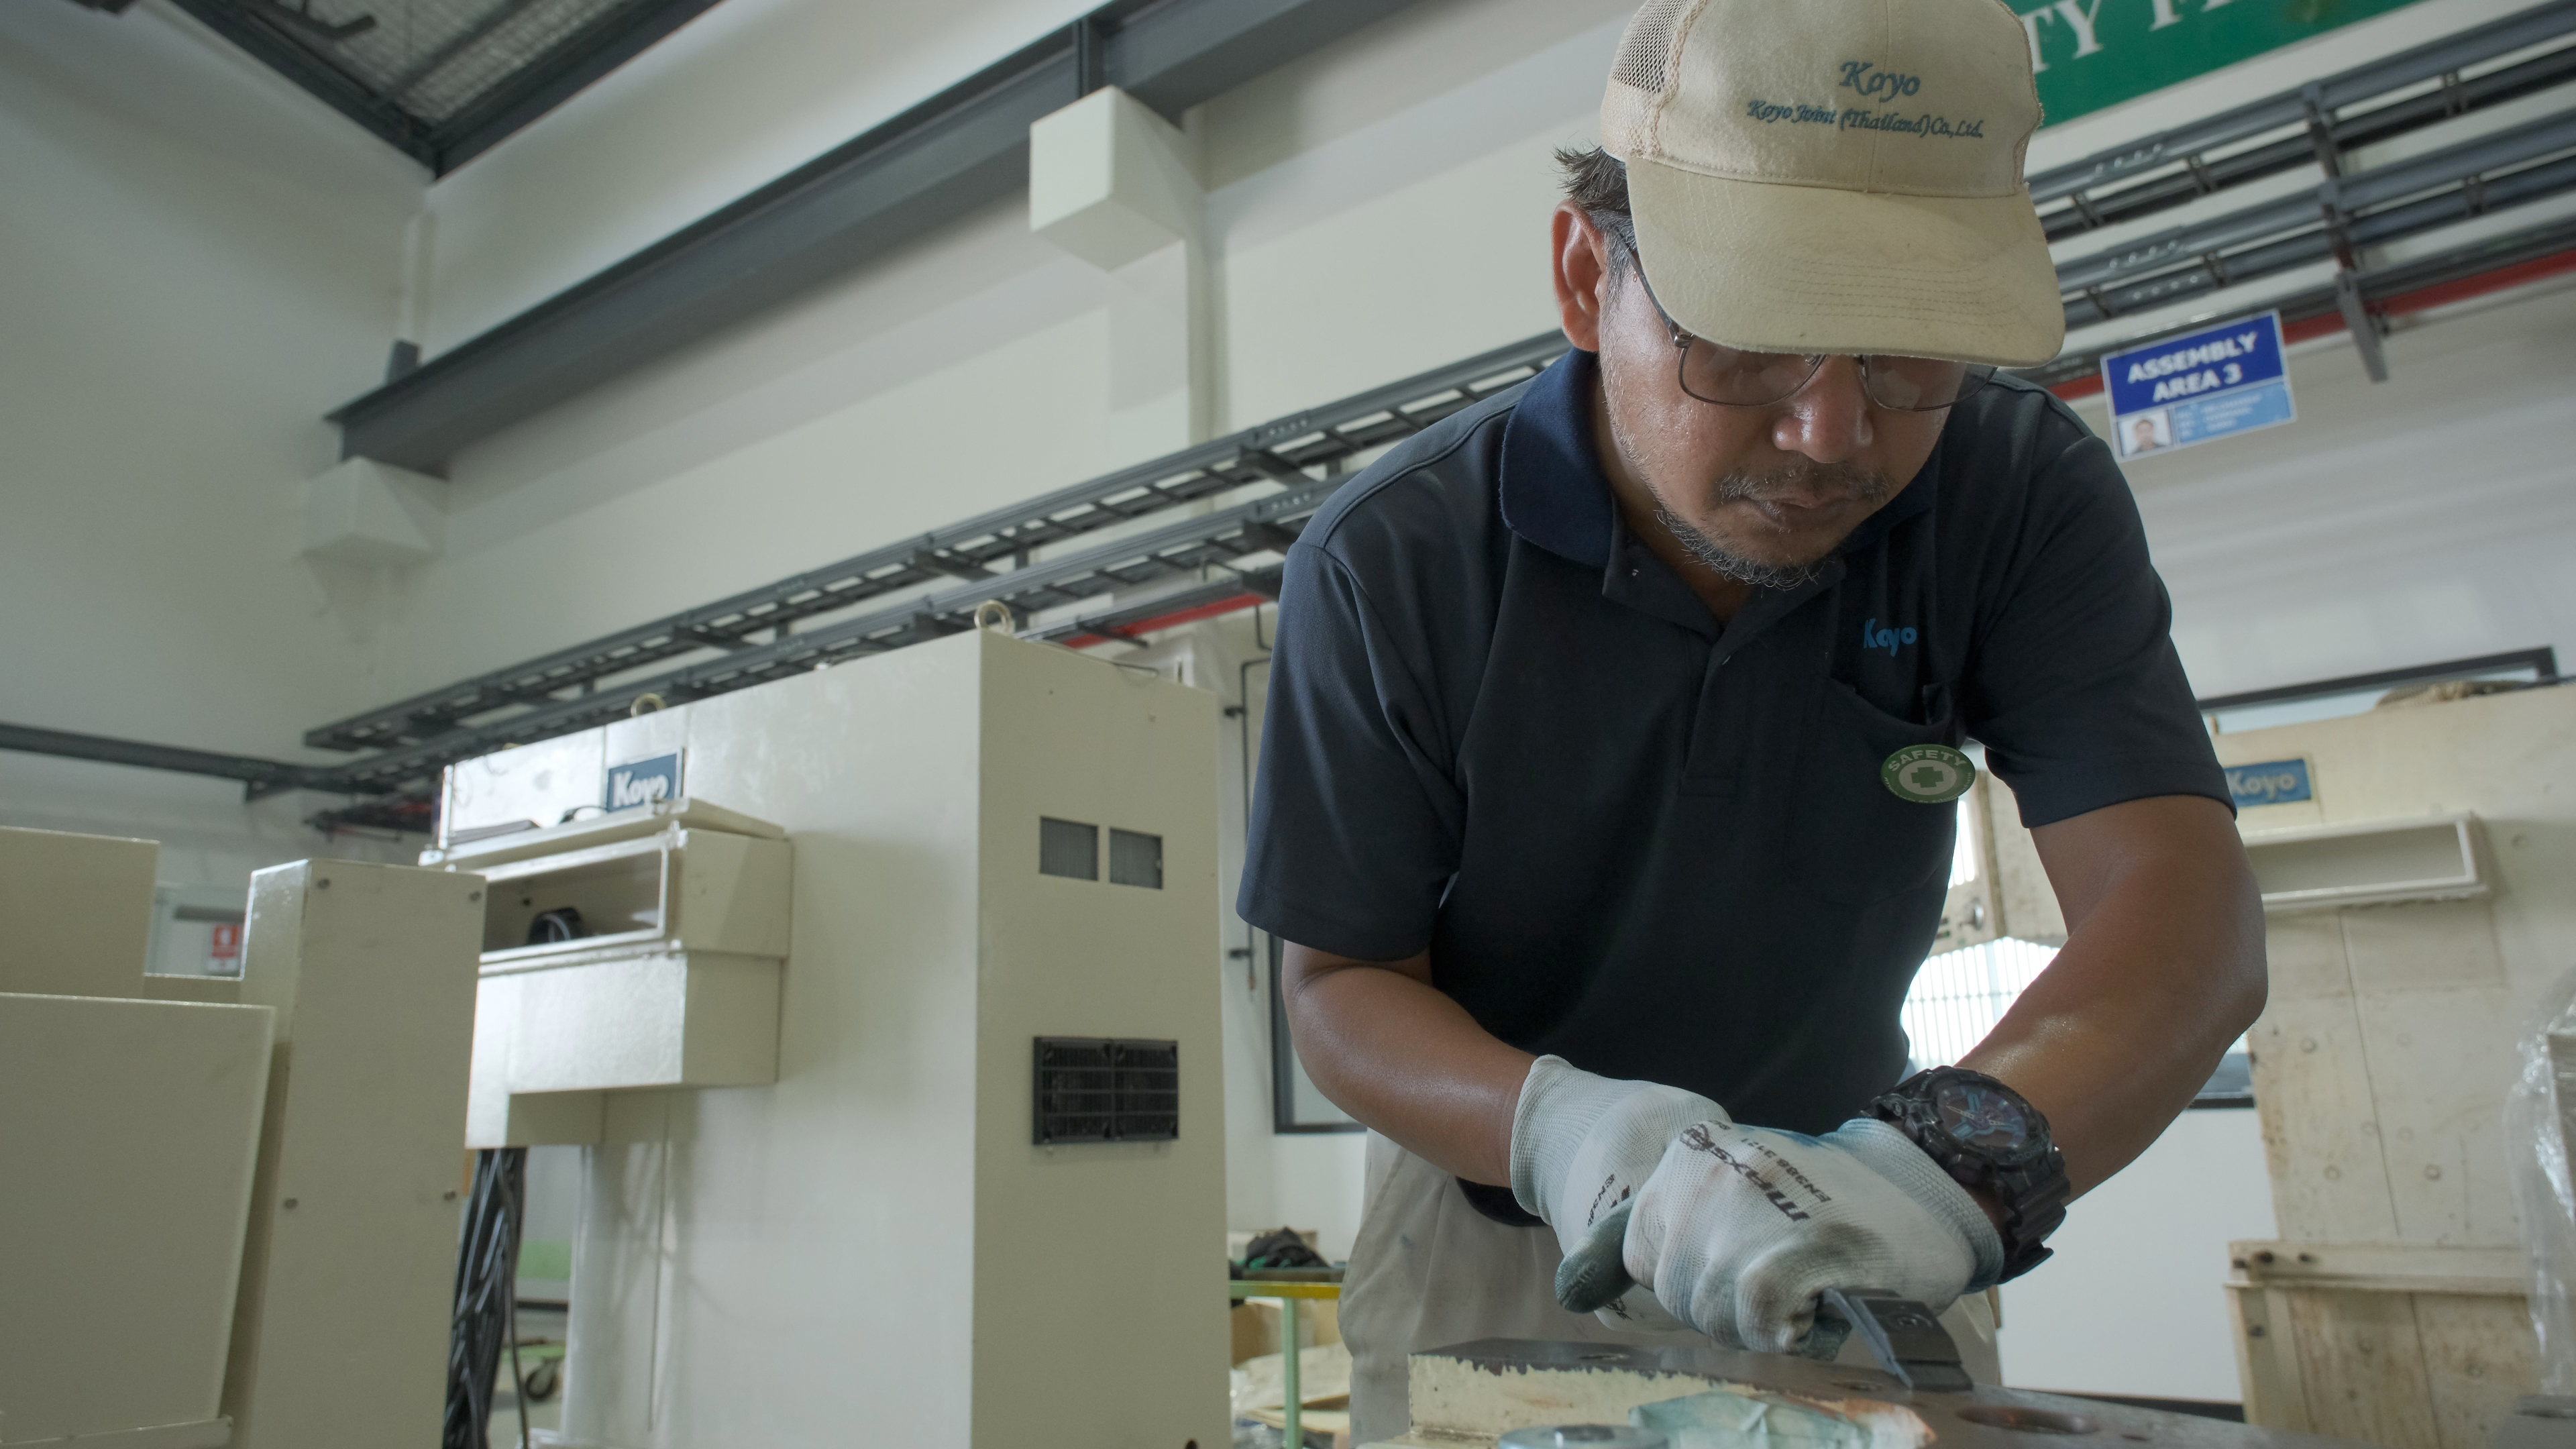 บริการ Overhaul 4 ประเภทของบริษัท Koyo ตามสภาพของเครื่องเจียรและวัตถุประสงค์การใช้งาน (การซ่อมแซม, การปรับปรุงและการฟื้นฟูสภาพ)